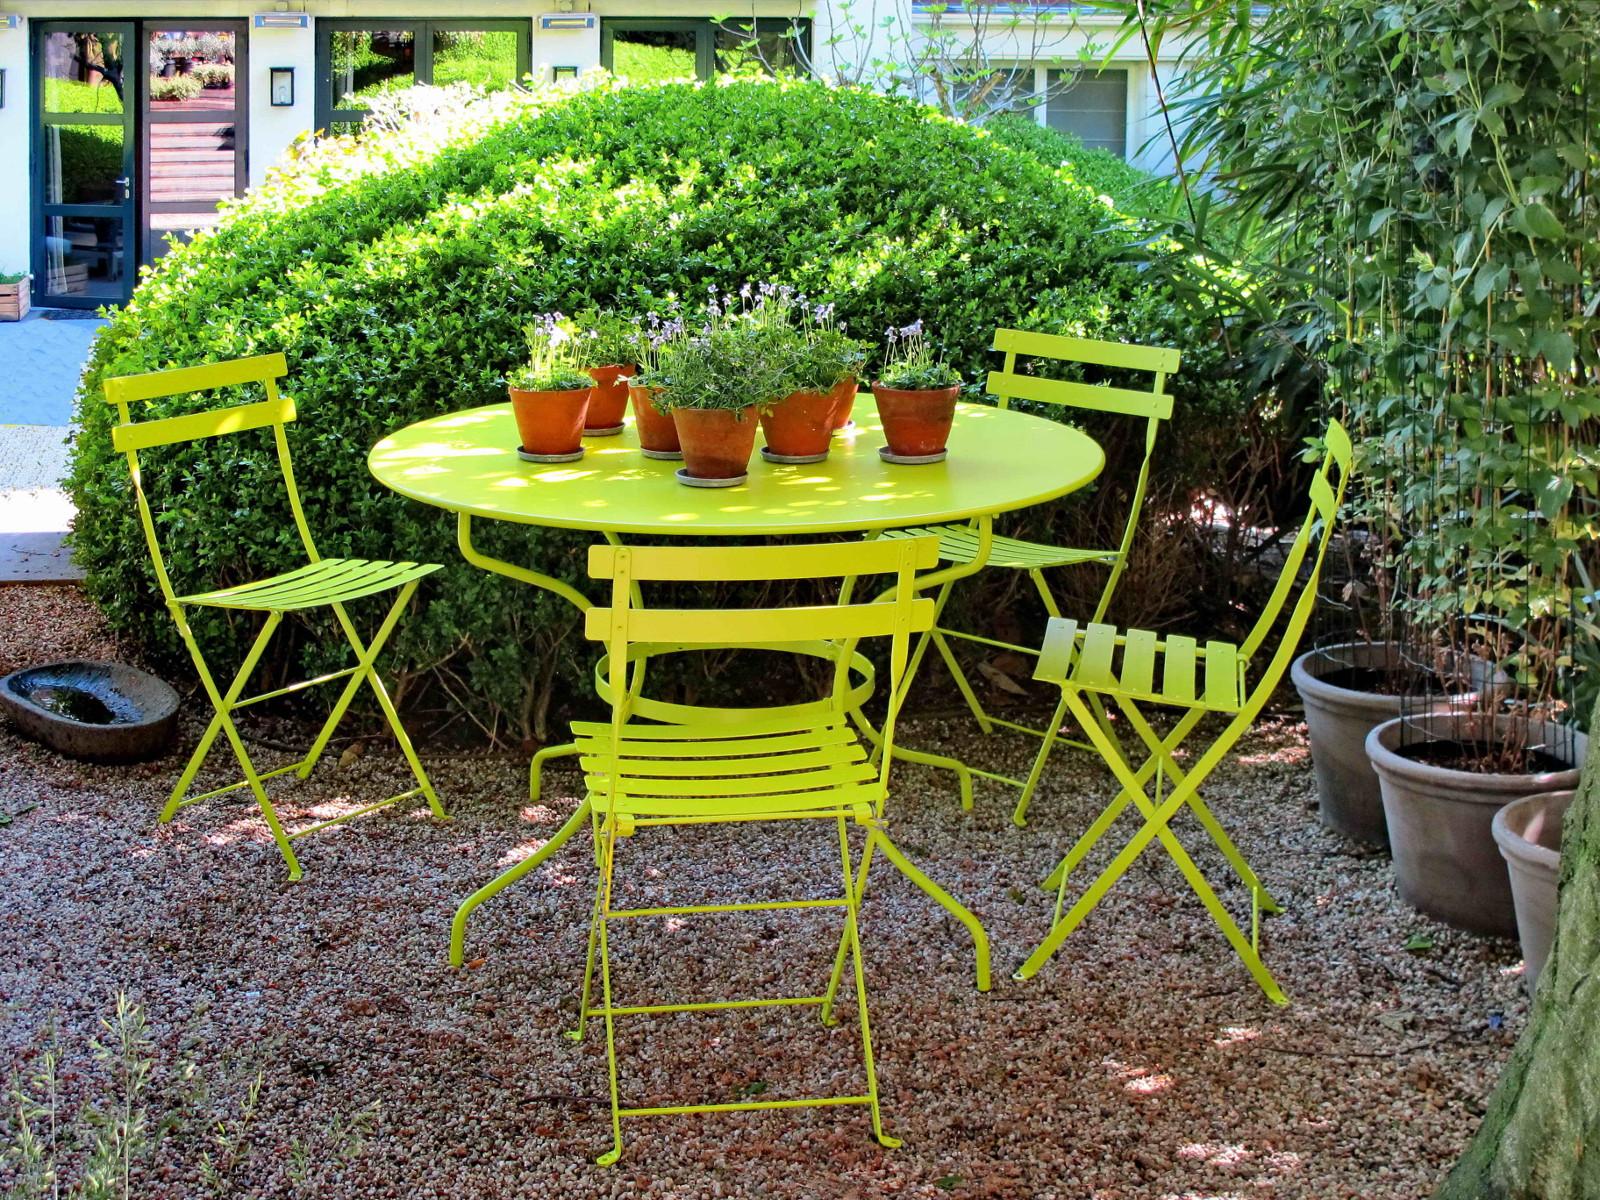 Grønne havemøbler